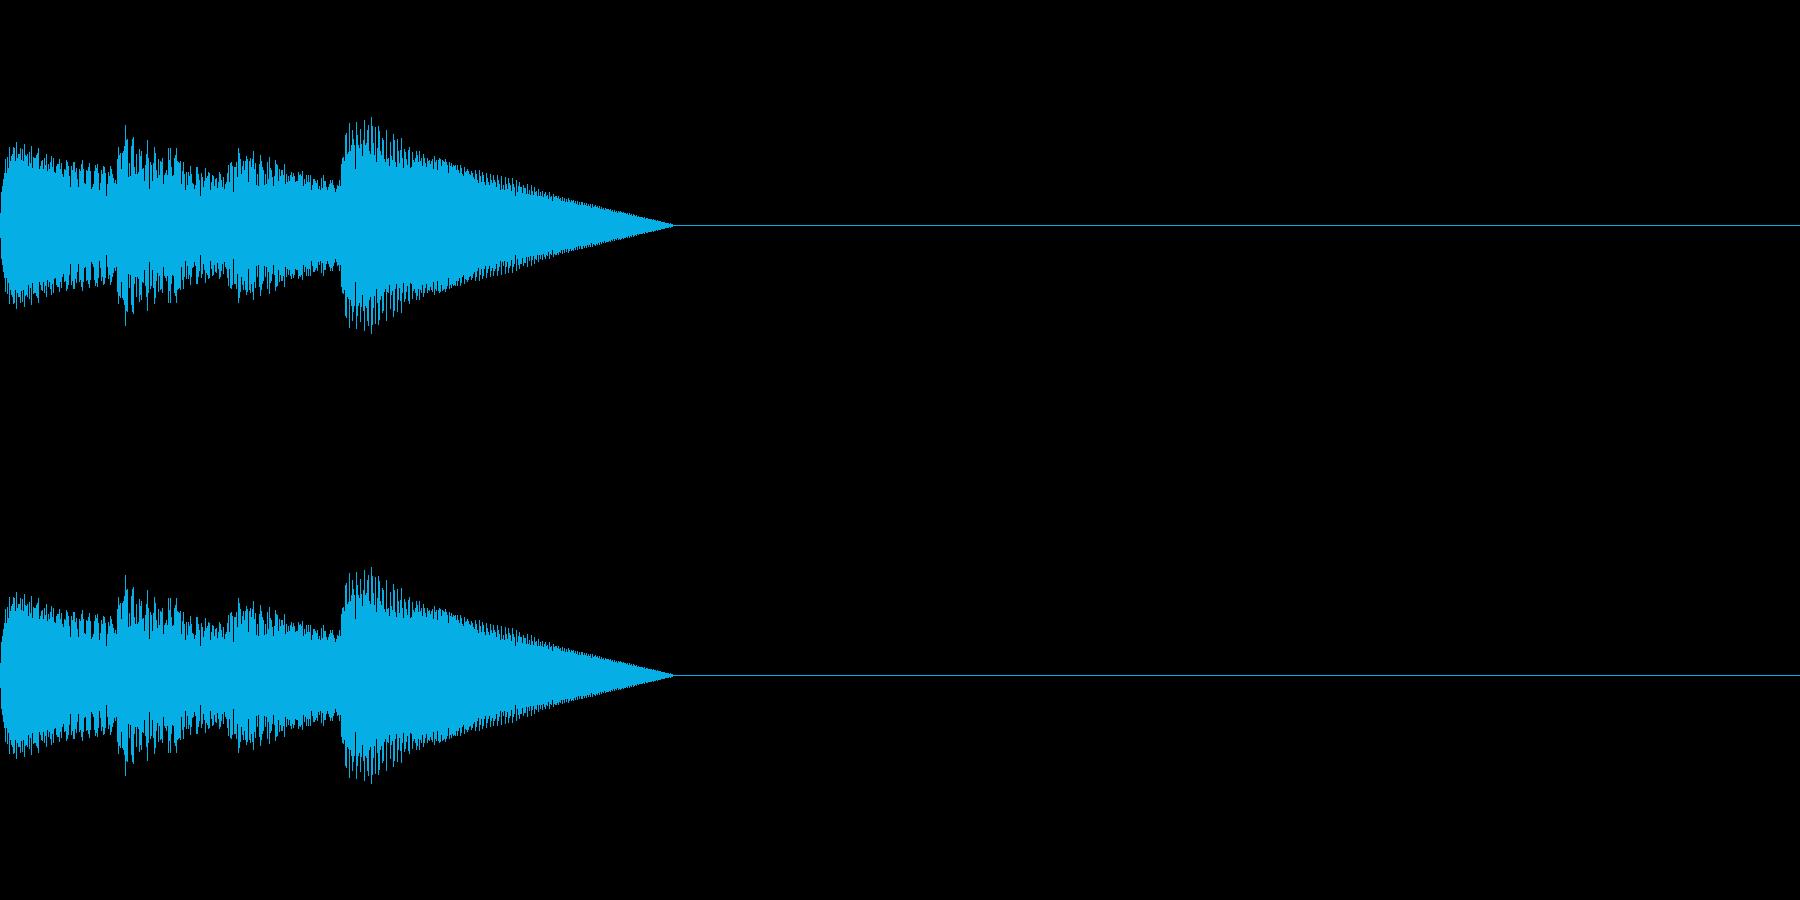 「ピロピロ♪」レトロゲーム風アイテムの再生済みの波形